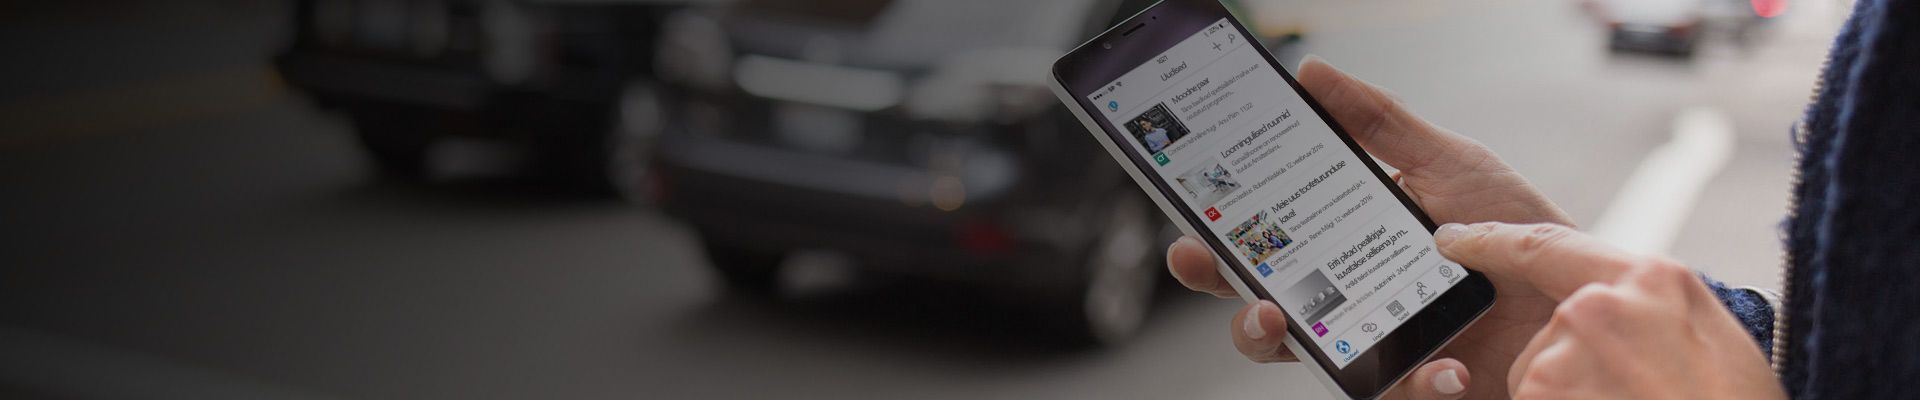 Nutitelefon, mille ekraanil on kuvatud SharePointi uudised saitidelt